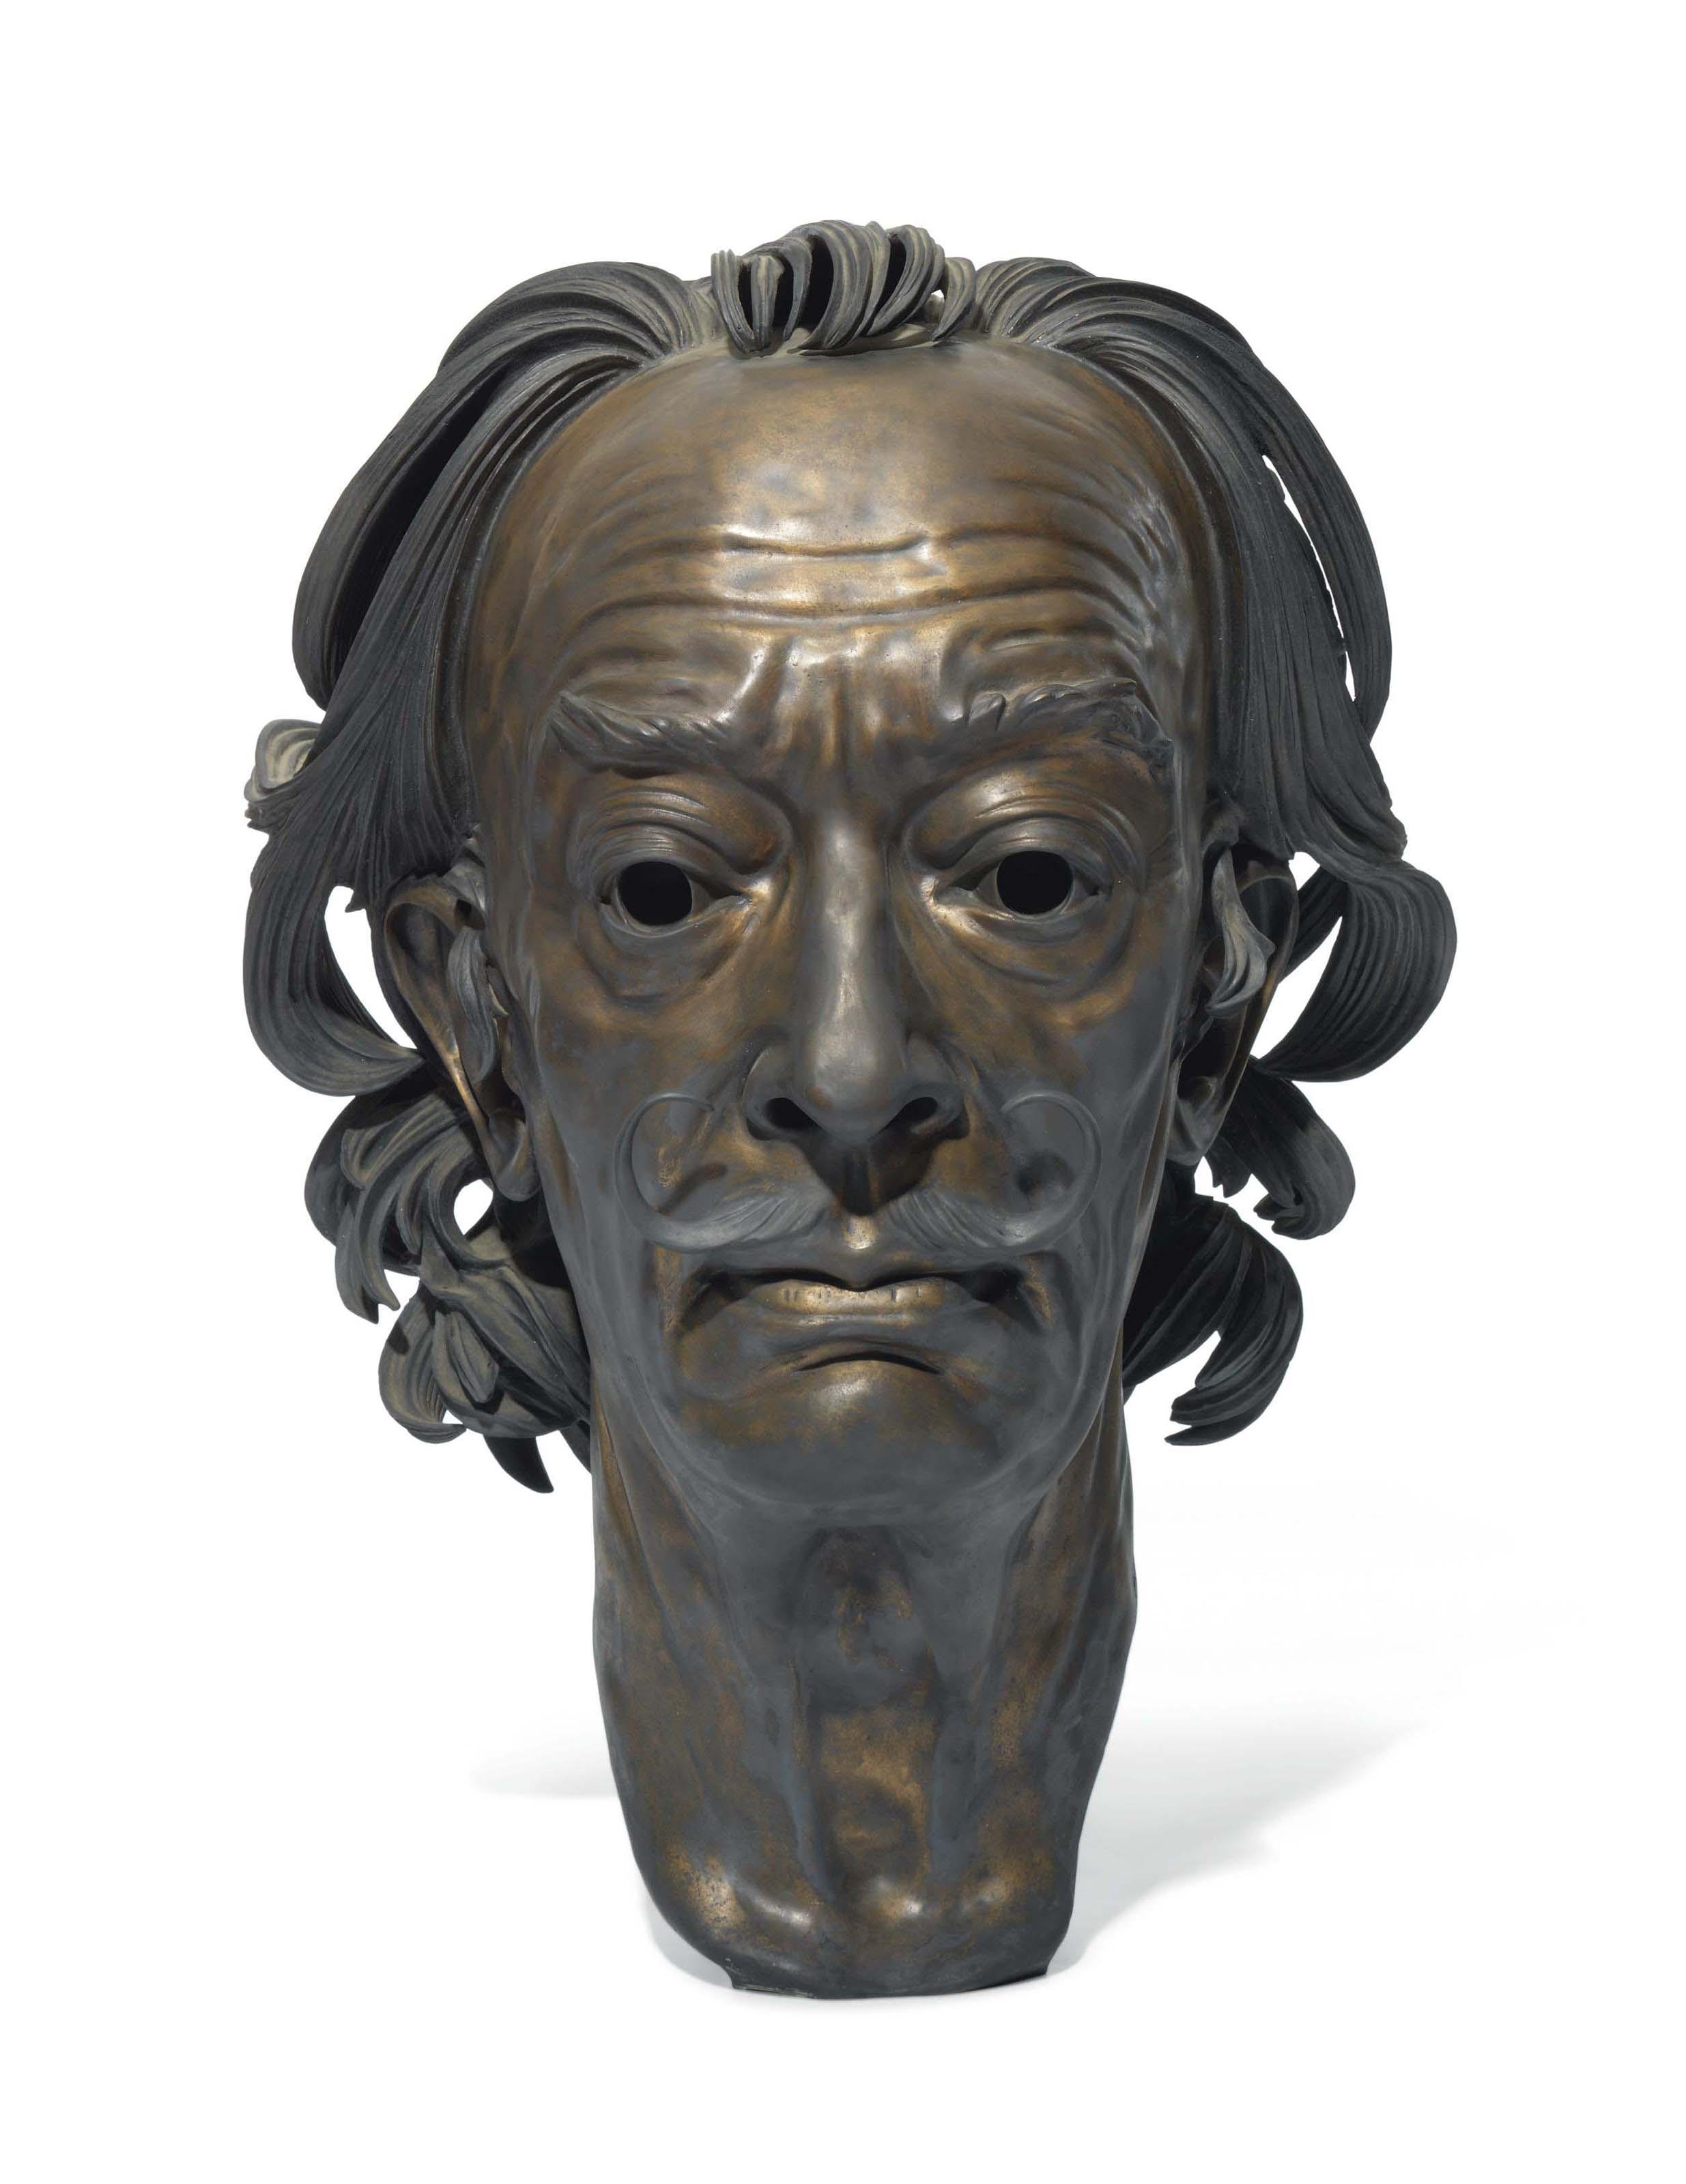 Portrait bust of Salvador Dalí